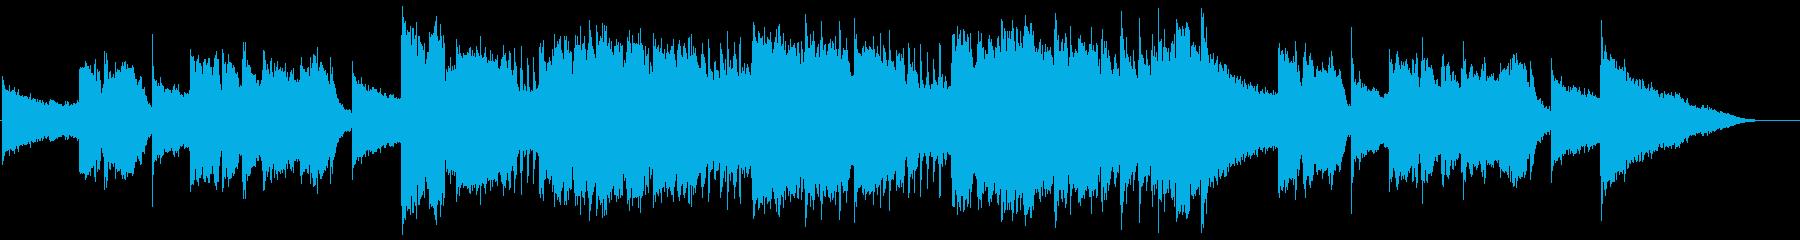 CM・穏やかなアコギポップスの再生済みの波形